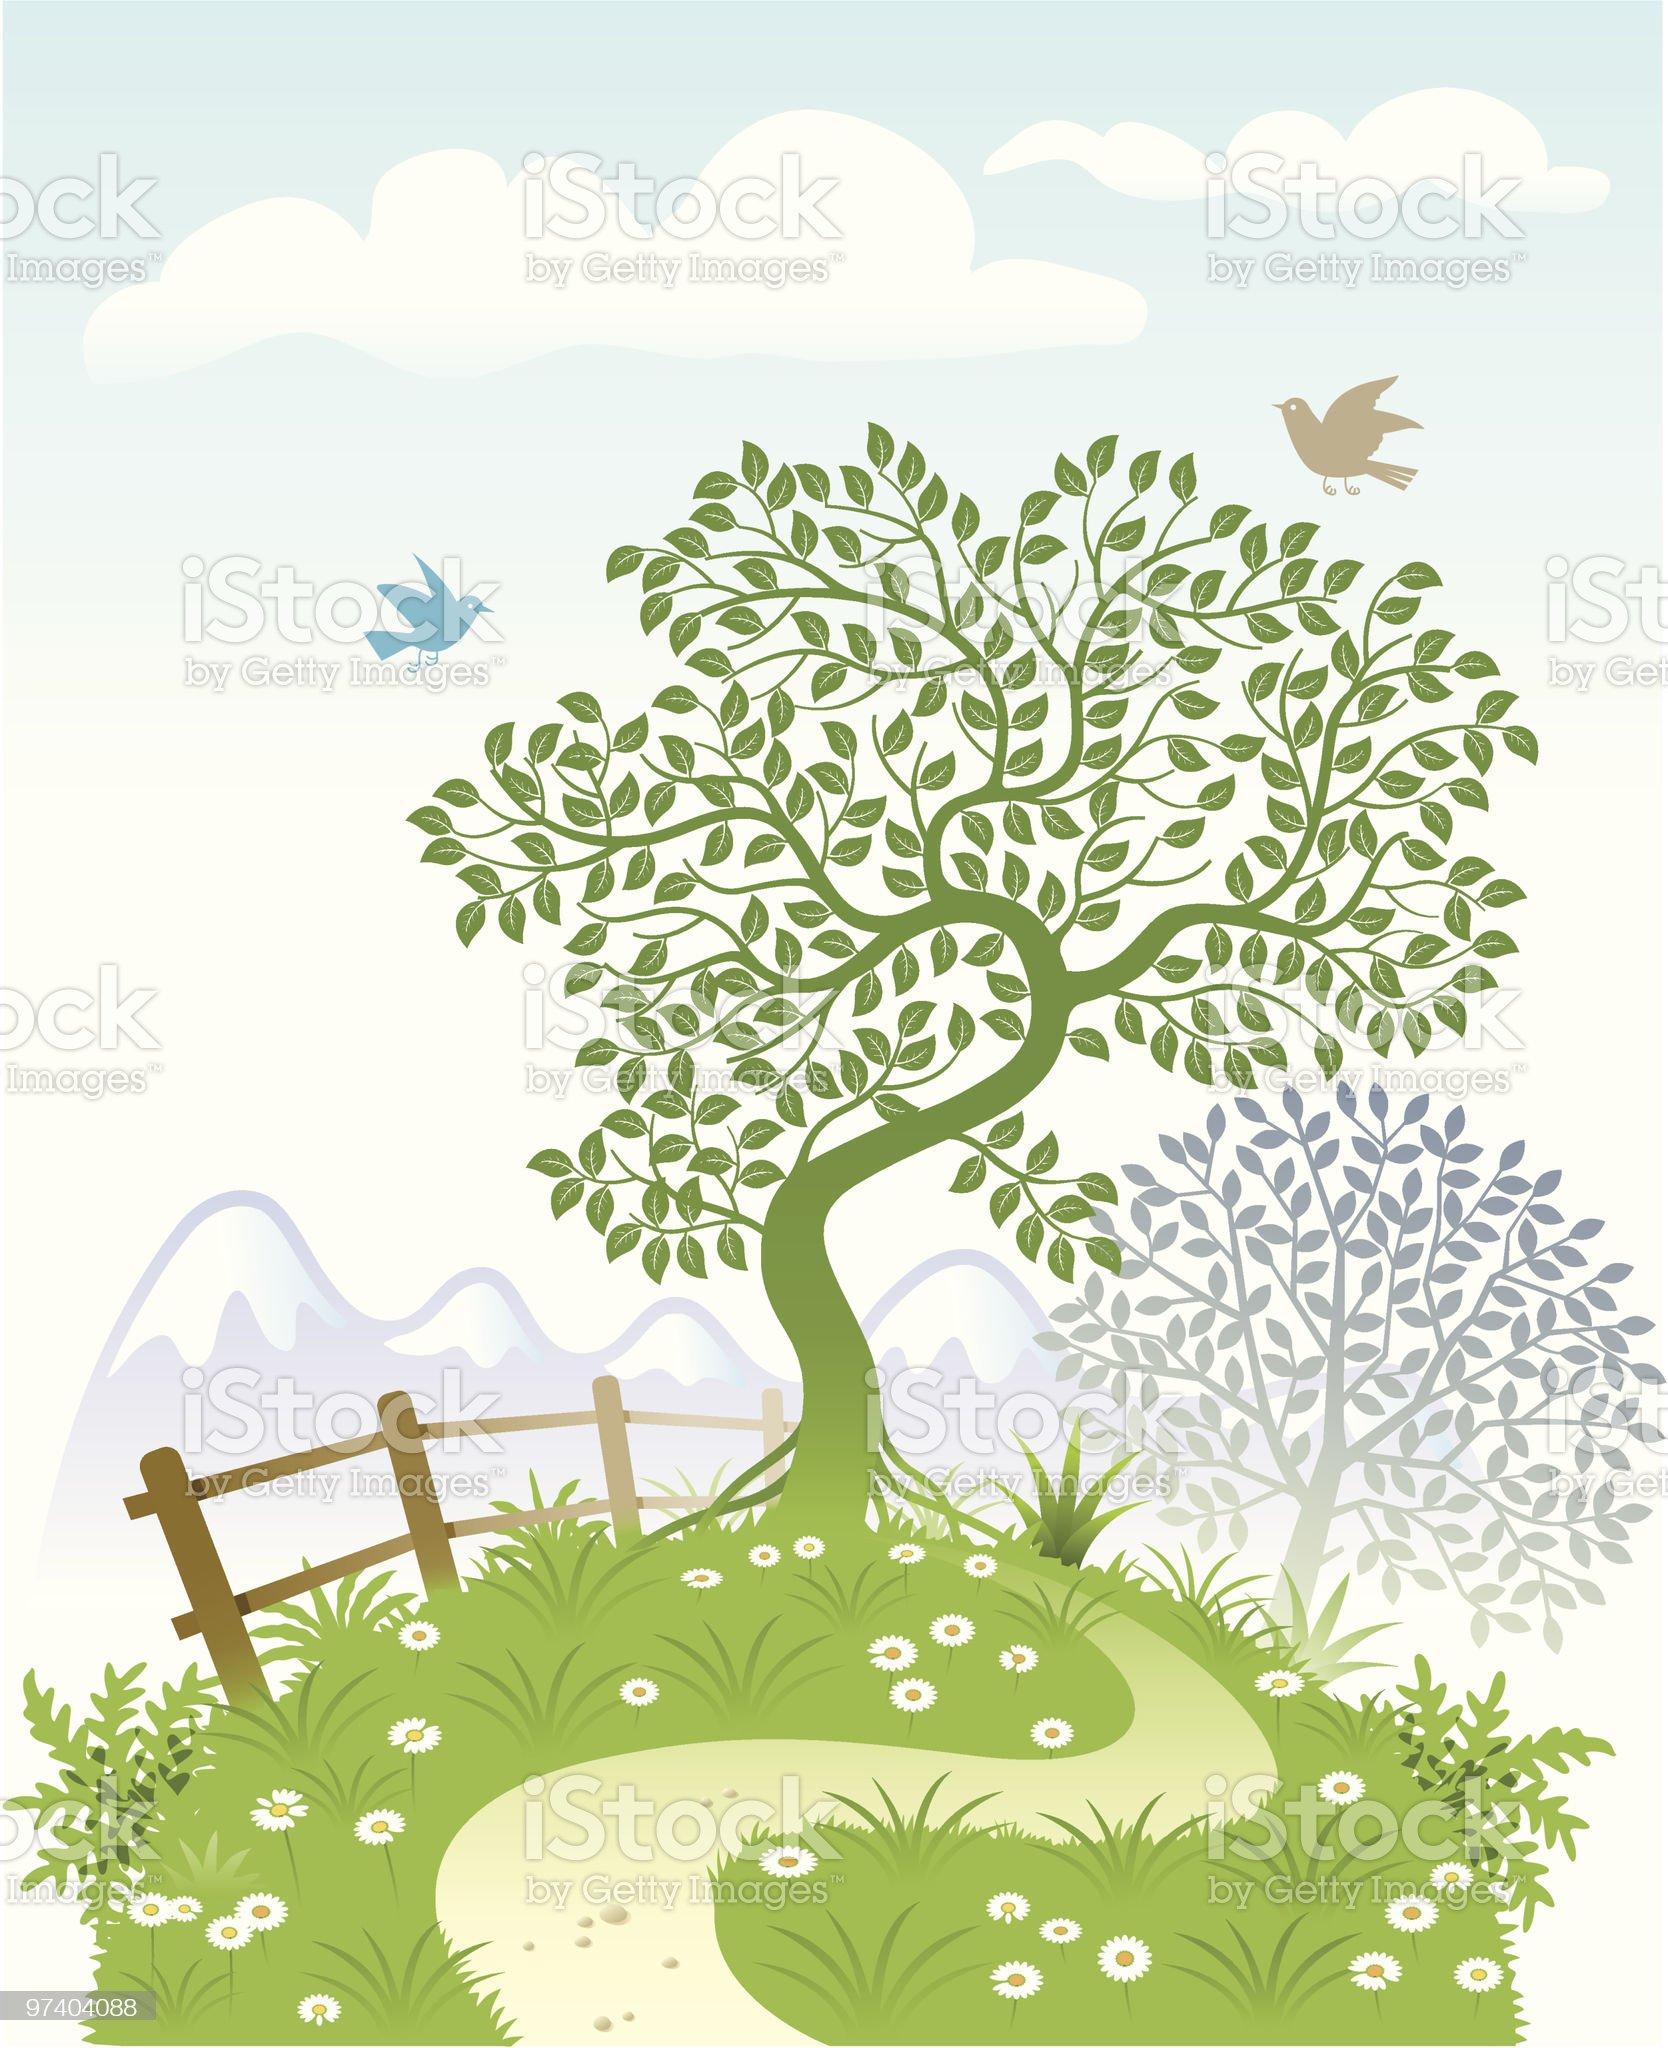 Bent tree garden royalty-free stock vector art